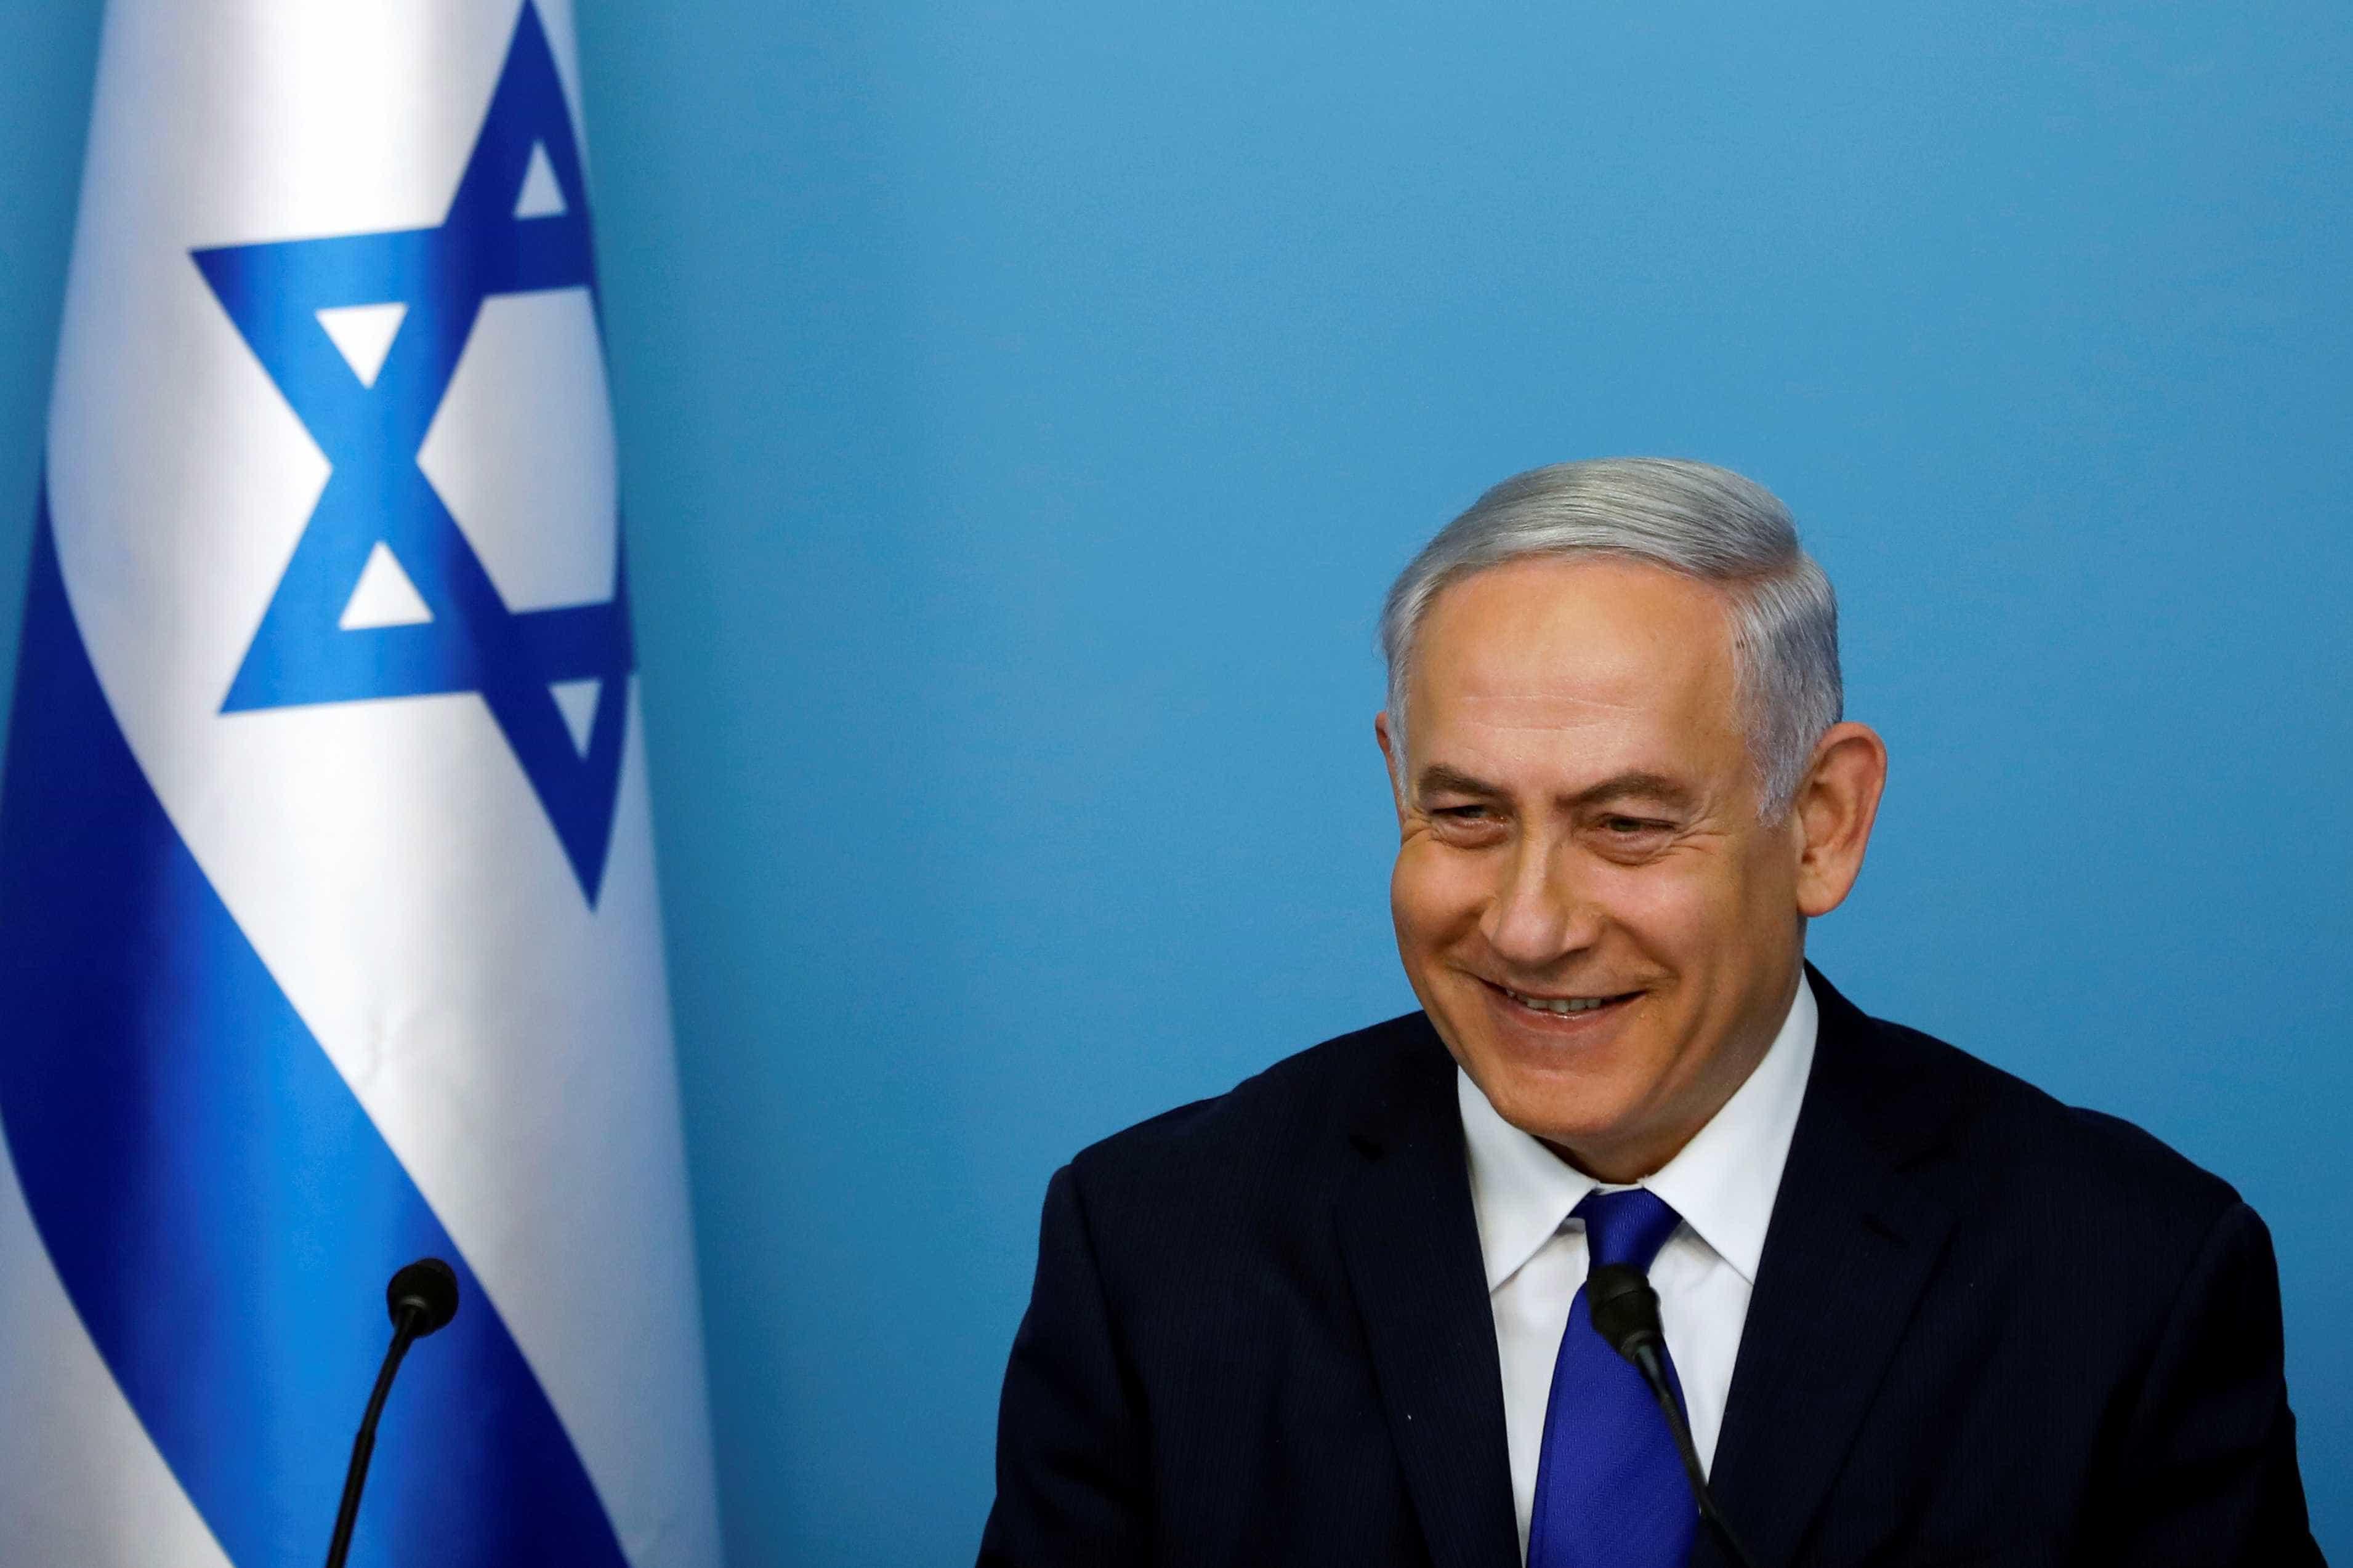 'É uma grande mudança que Bolsonaro lidera', diz premiê de Israel